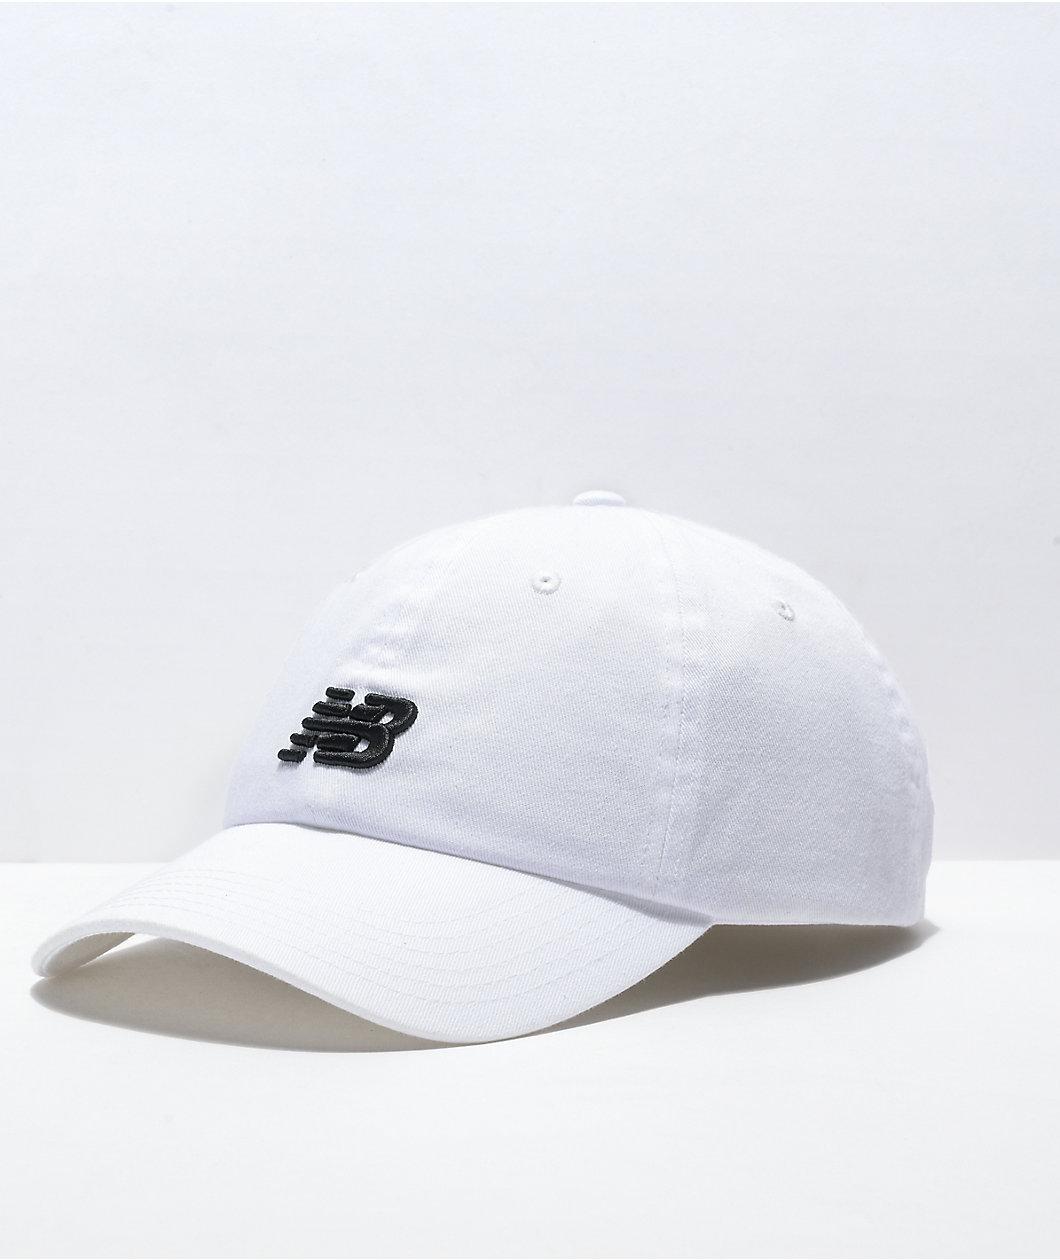 New Balance Lifestyle White Strapback Hat